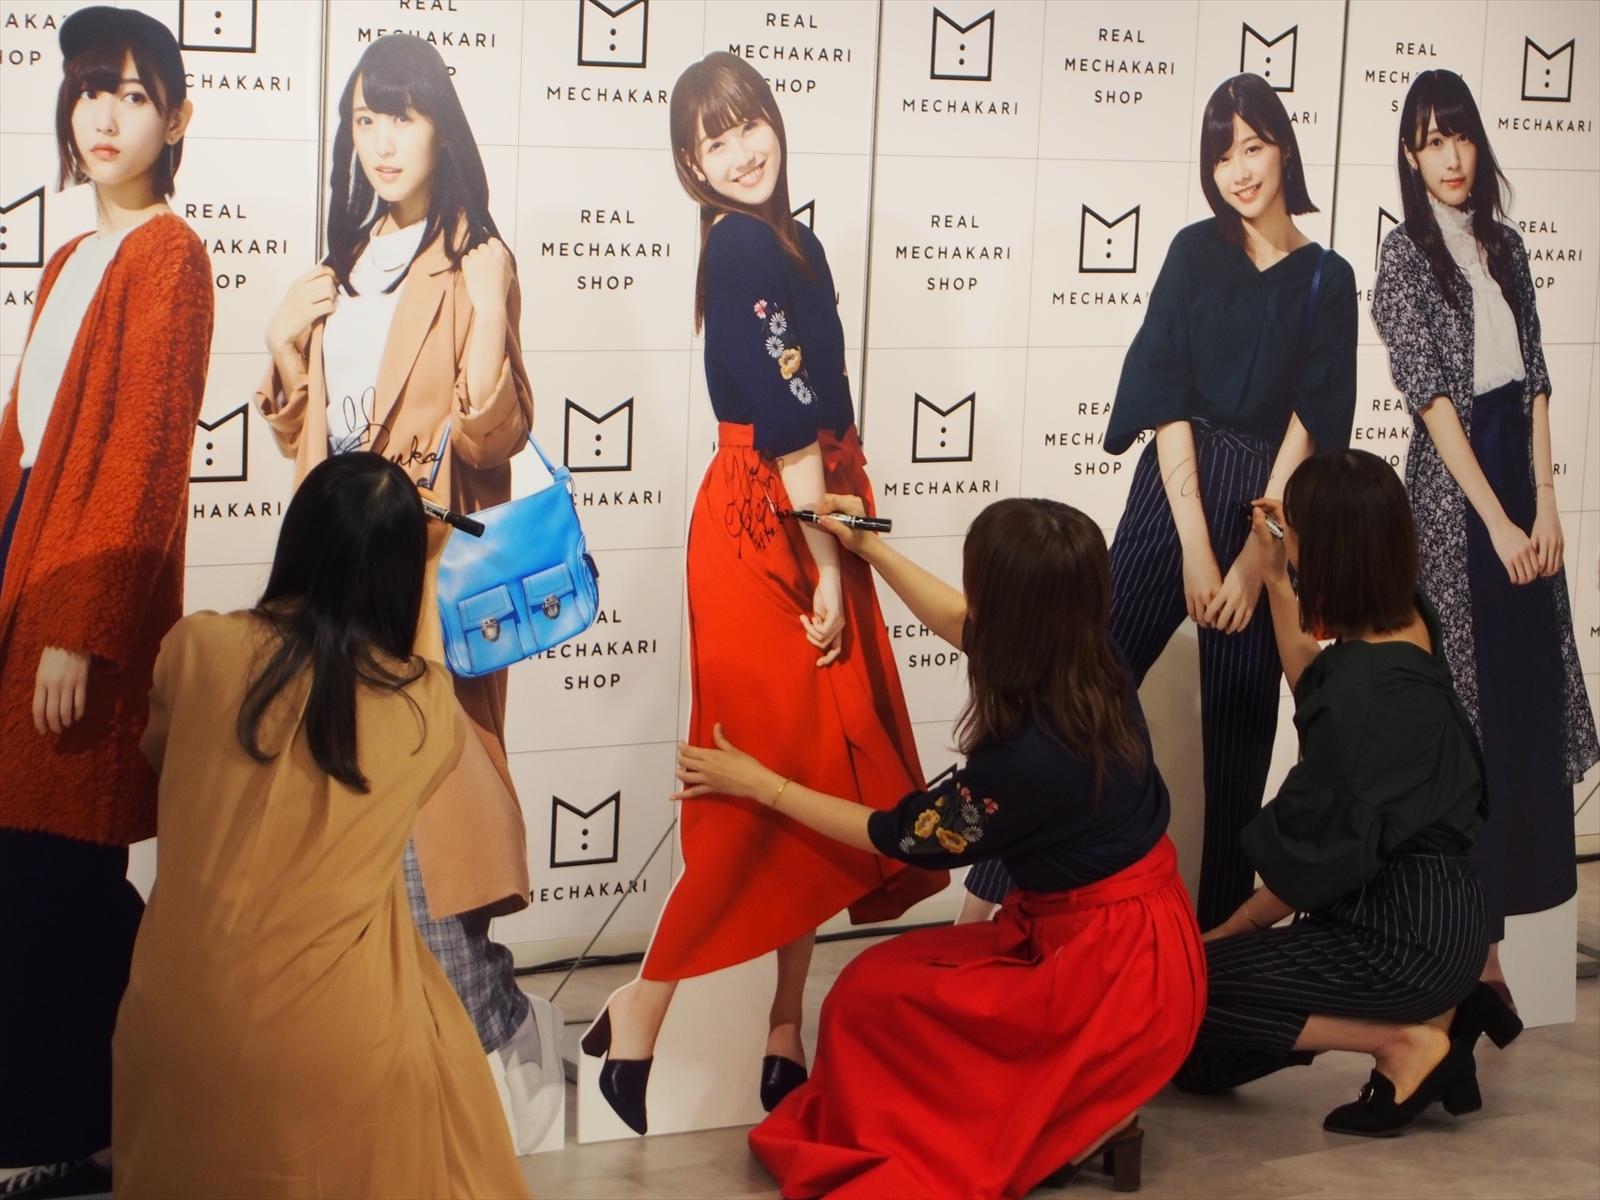 欅坂46が来店!もちろん理佐も♡ 「メチャカリ」初のリアルSHOPがオープン_1_2-2